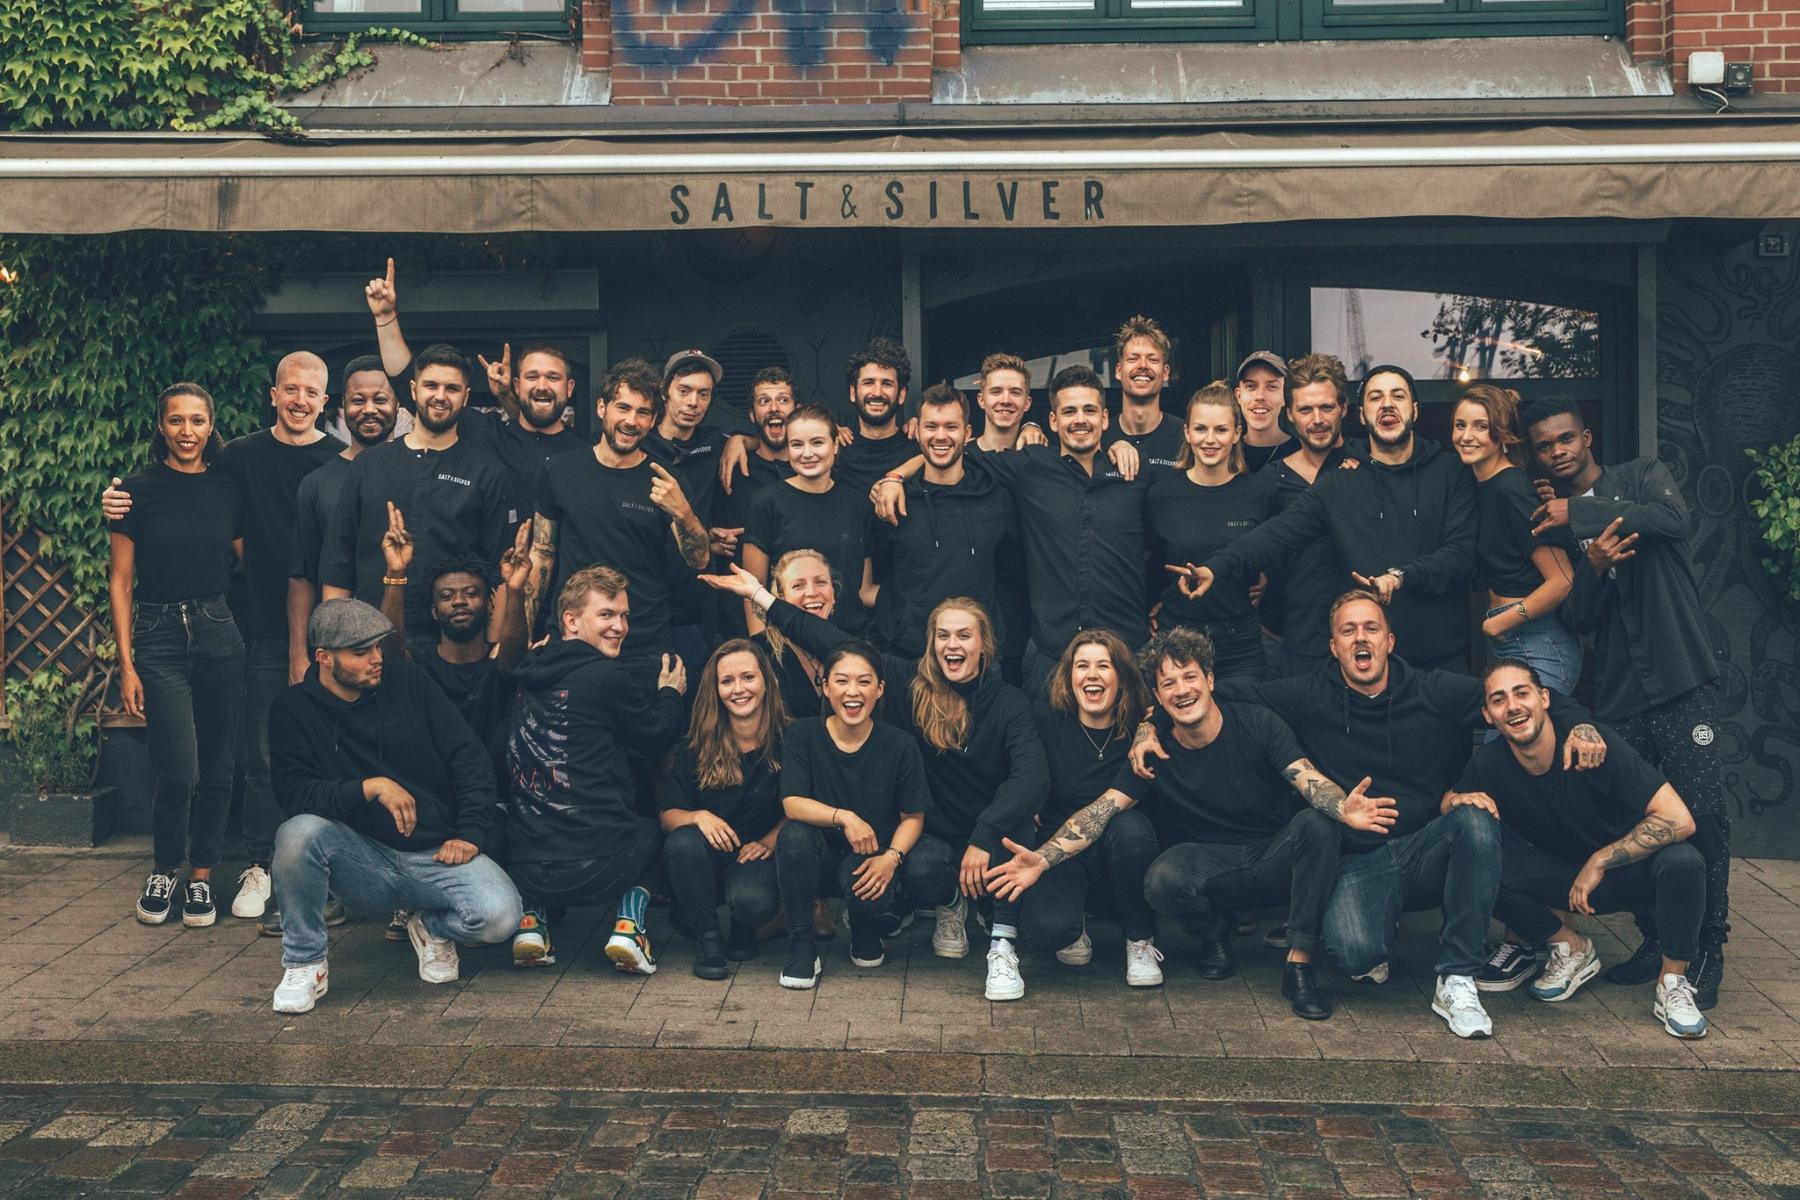 Das Team der Salt & Silver Zentrale freut sich auf euch!